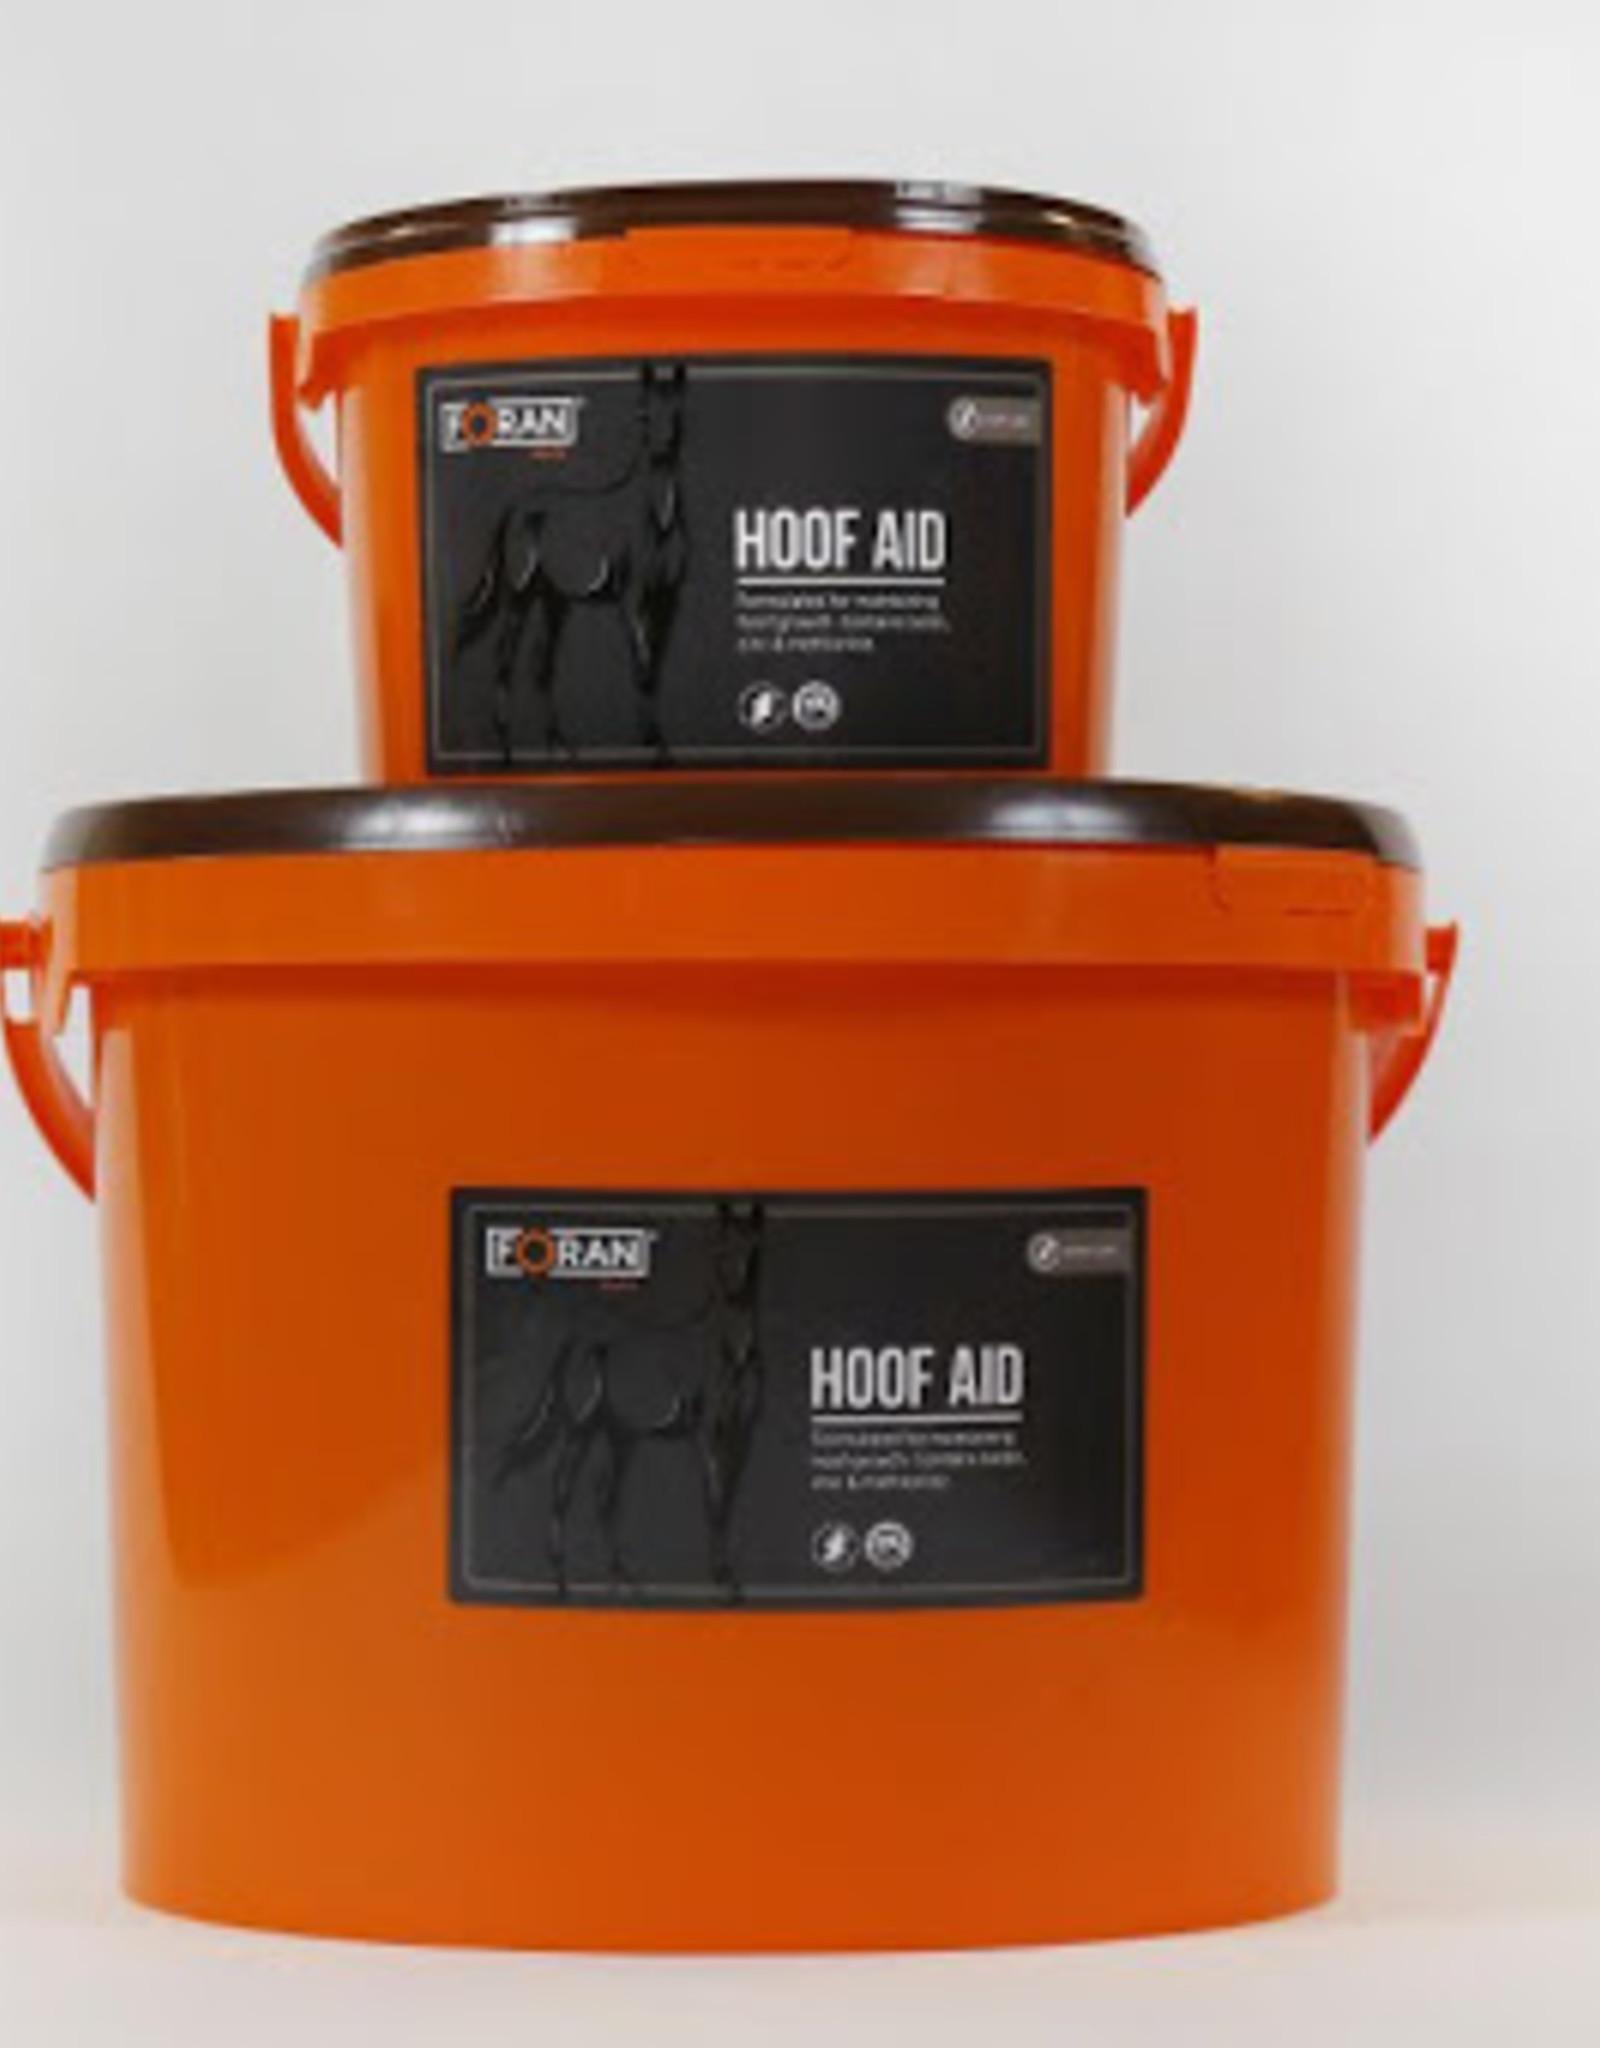 Foran Hoof Aid Powder